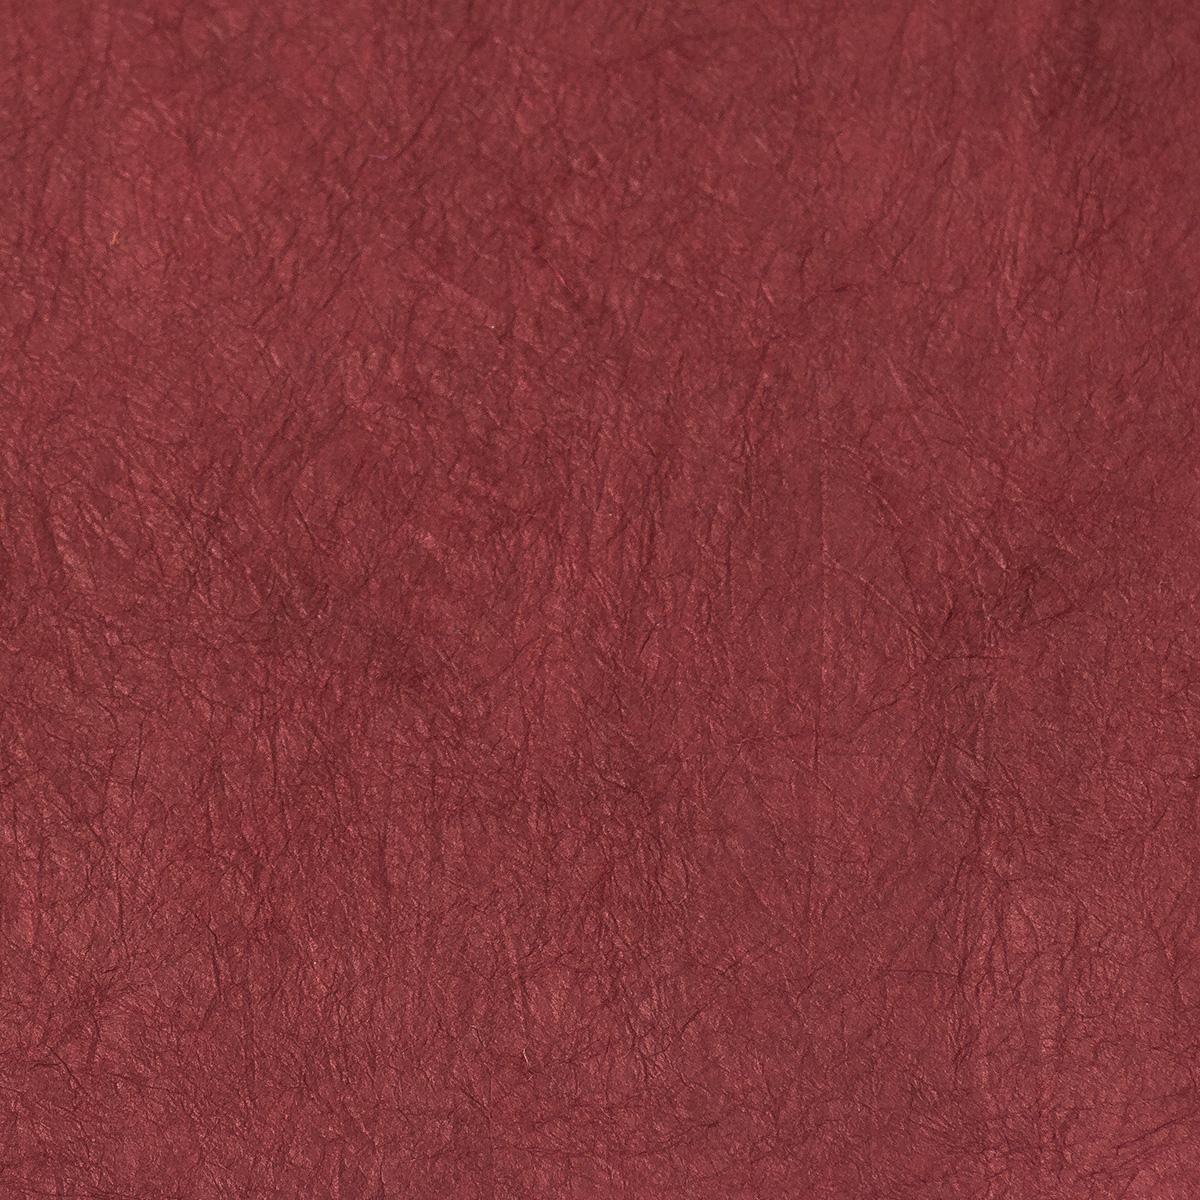 王朝のそめいろ 薄口 9番 赤紫